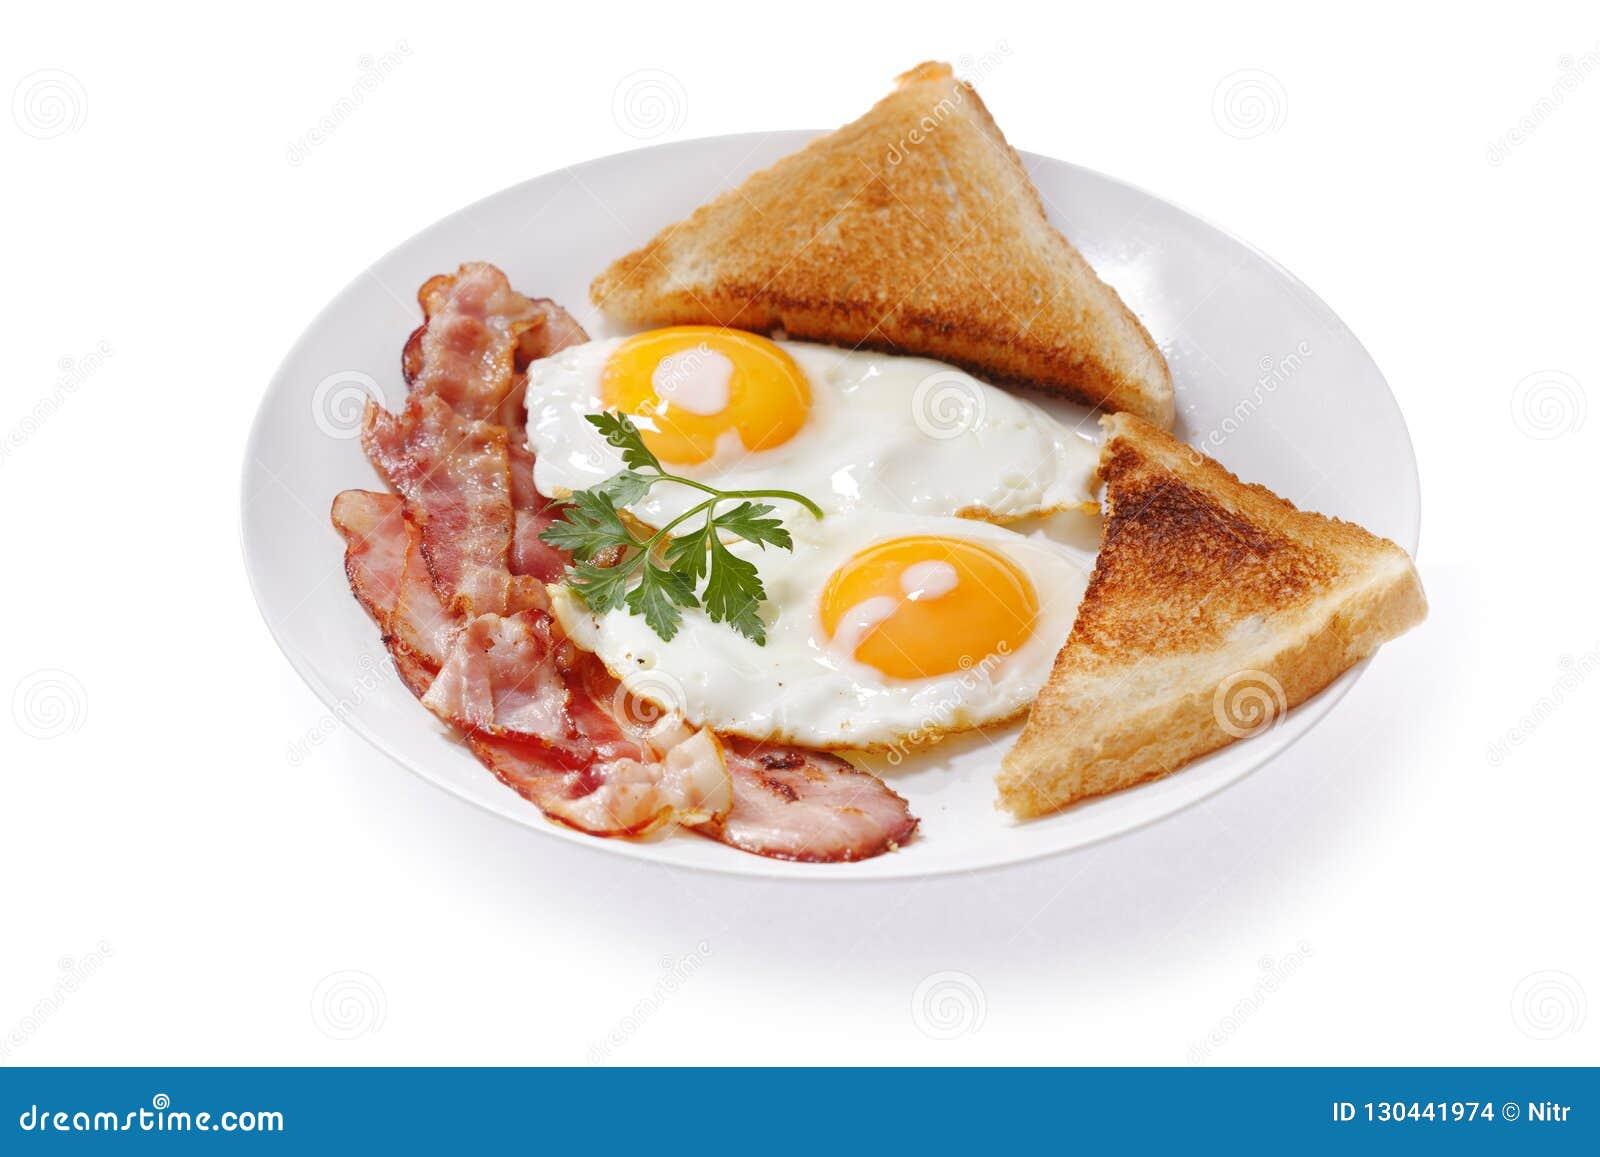 Piatto delle uova fritte, del bacon e del pane tostato su fondo bianco